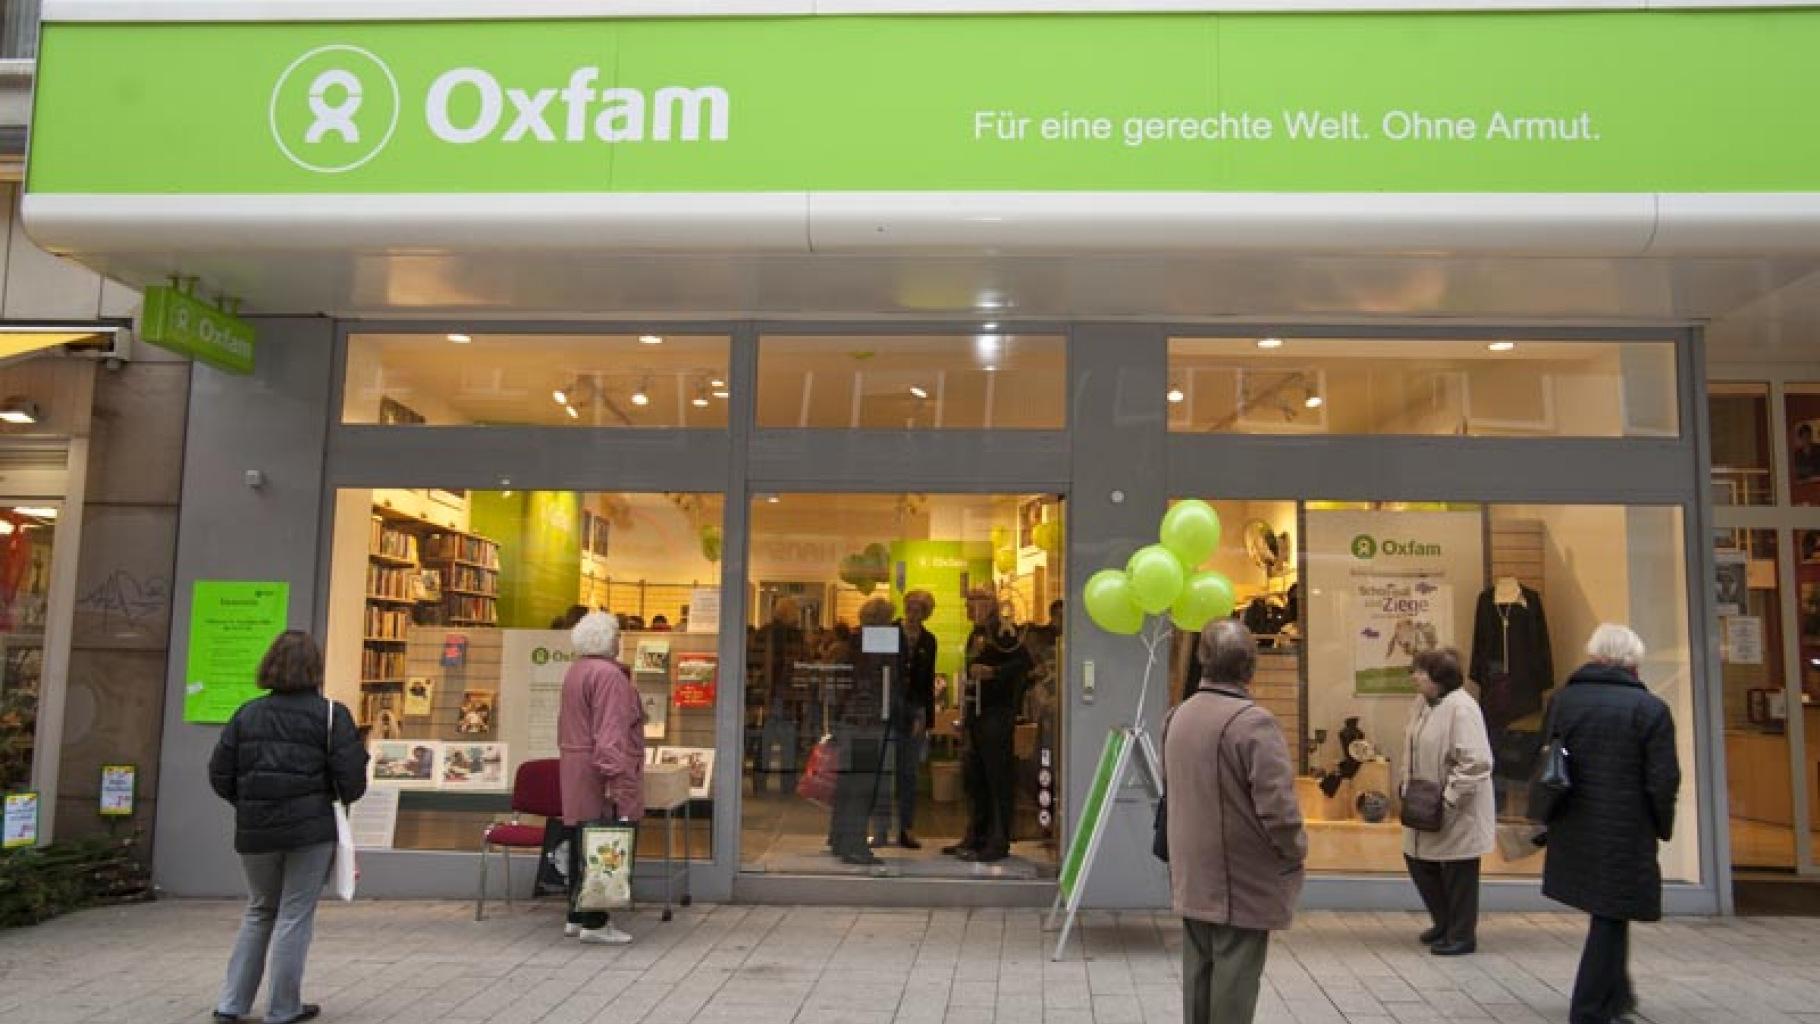 Oxfam Shop Dortmund - Außenansicht